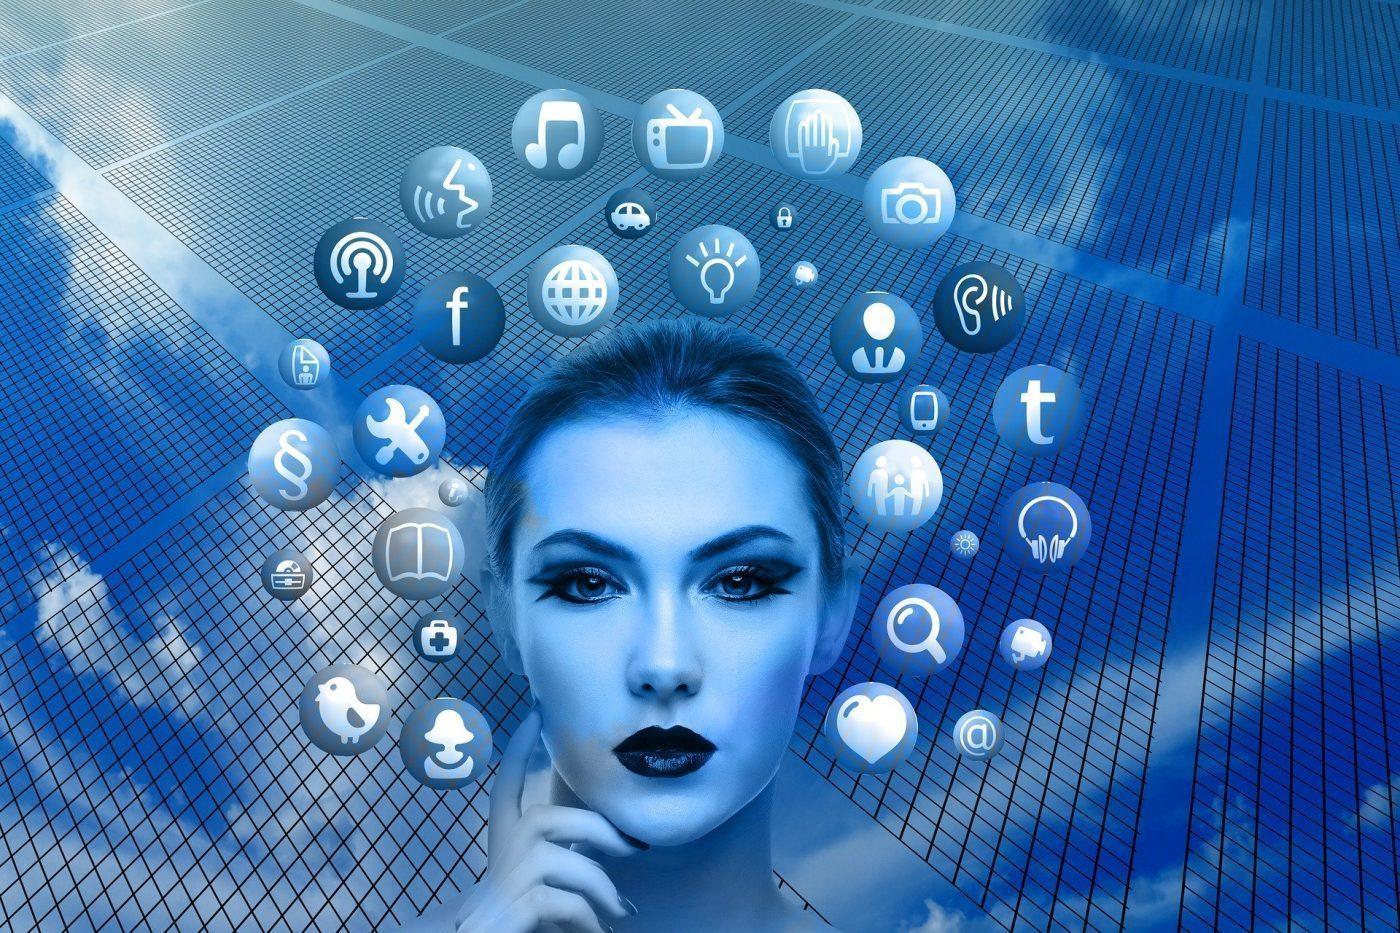 La comunicazione digitale che evolve: le novità degli ultimi mesi